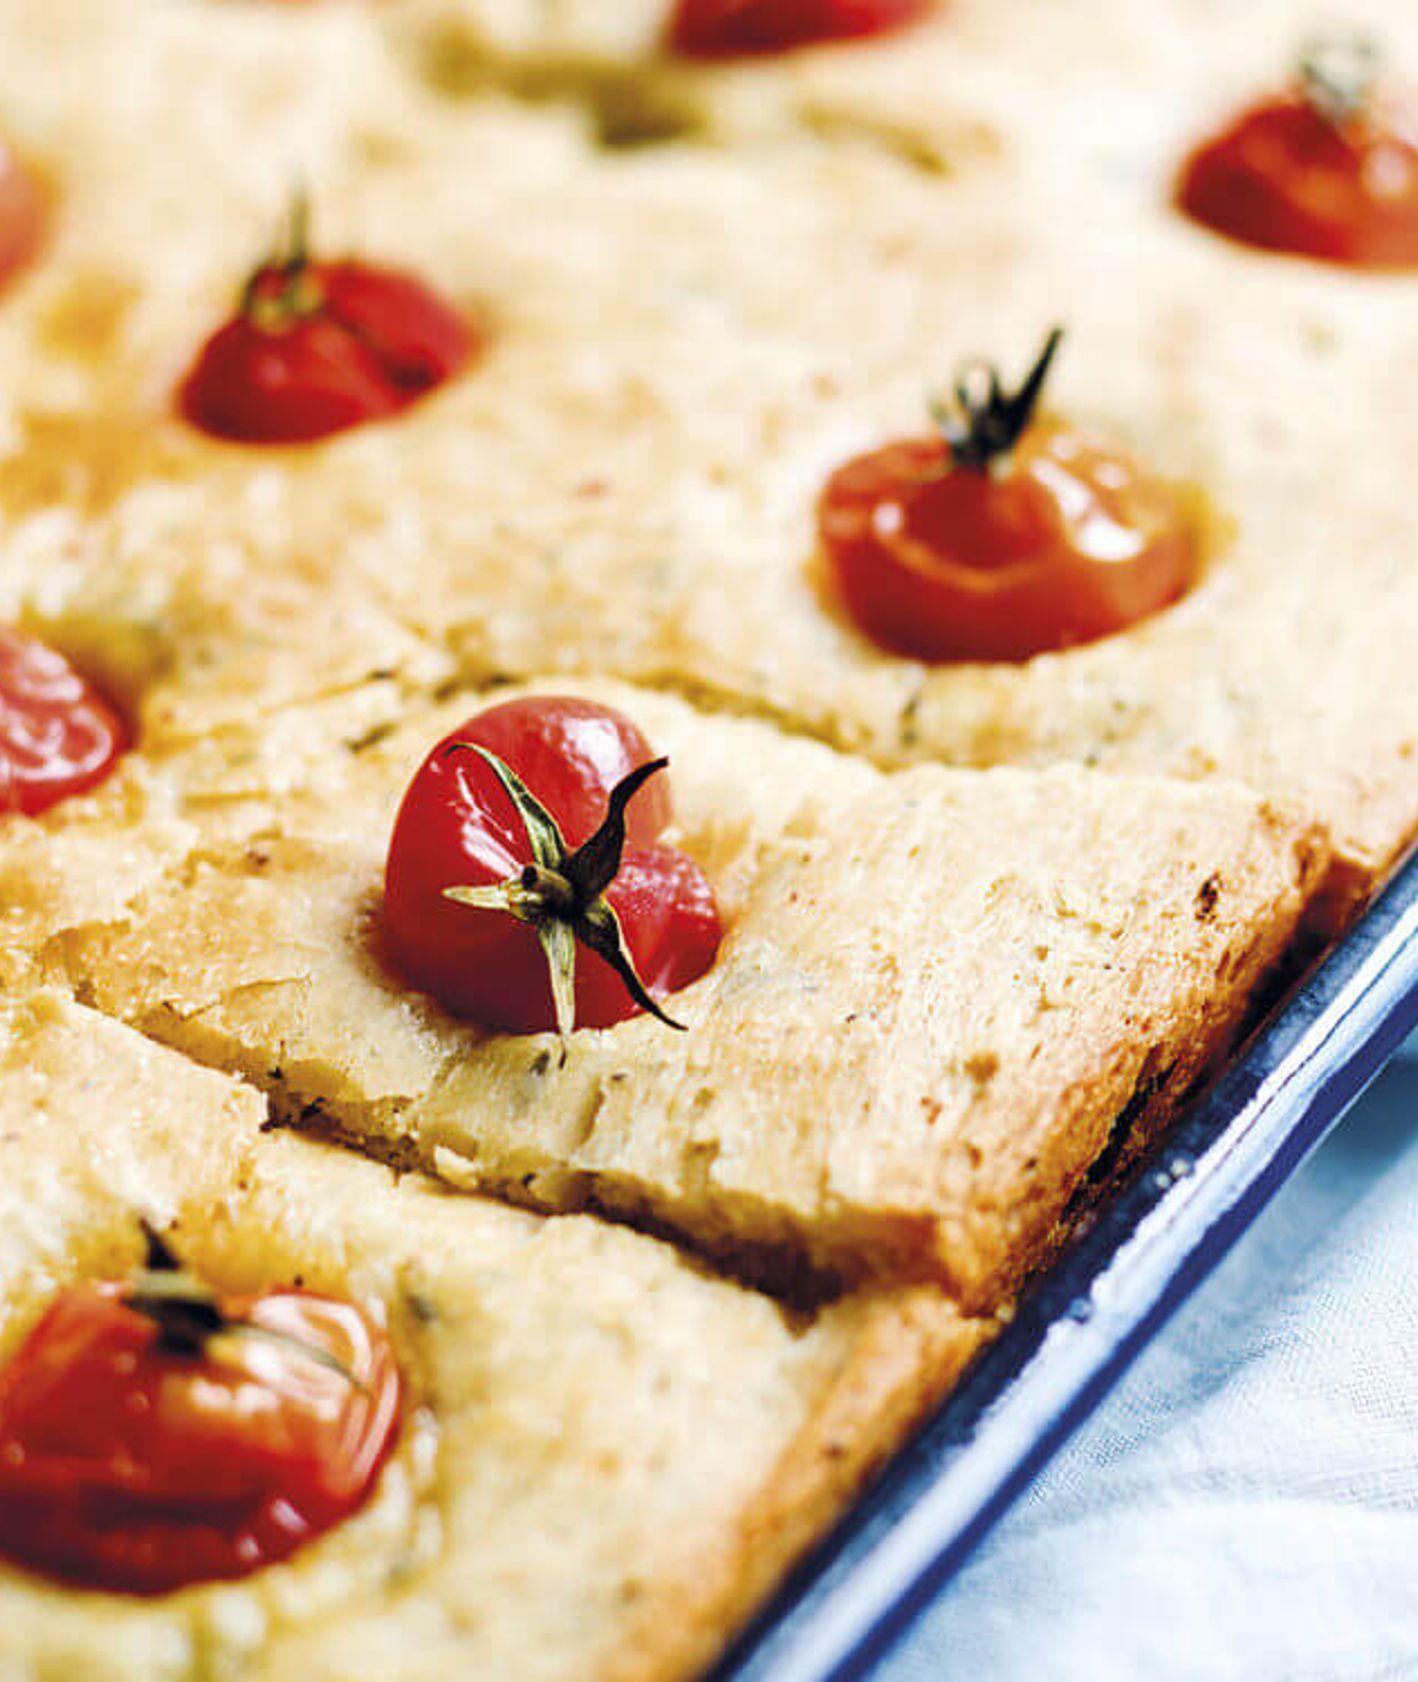 domowa focaccia, focaccia na drożdżach, kuchnia włoska, focaccia z pomidorkami, domowe wypieki, domowy chleb, włoskie wypieki,